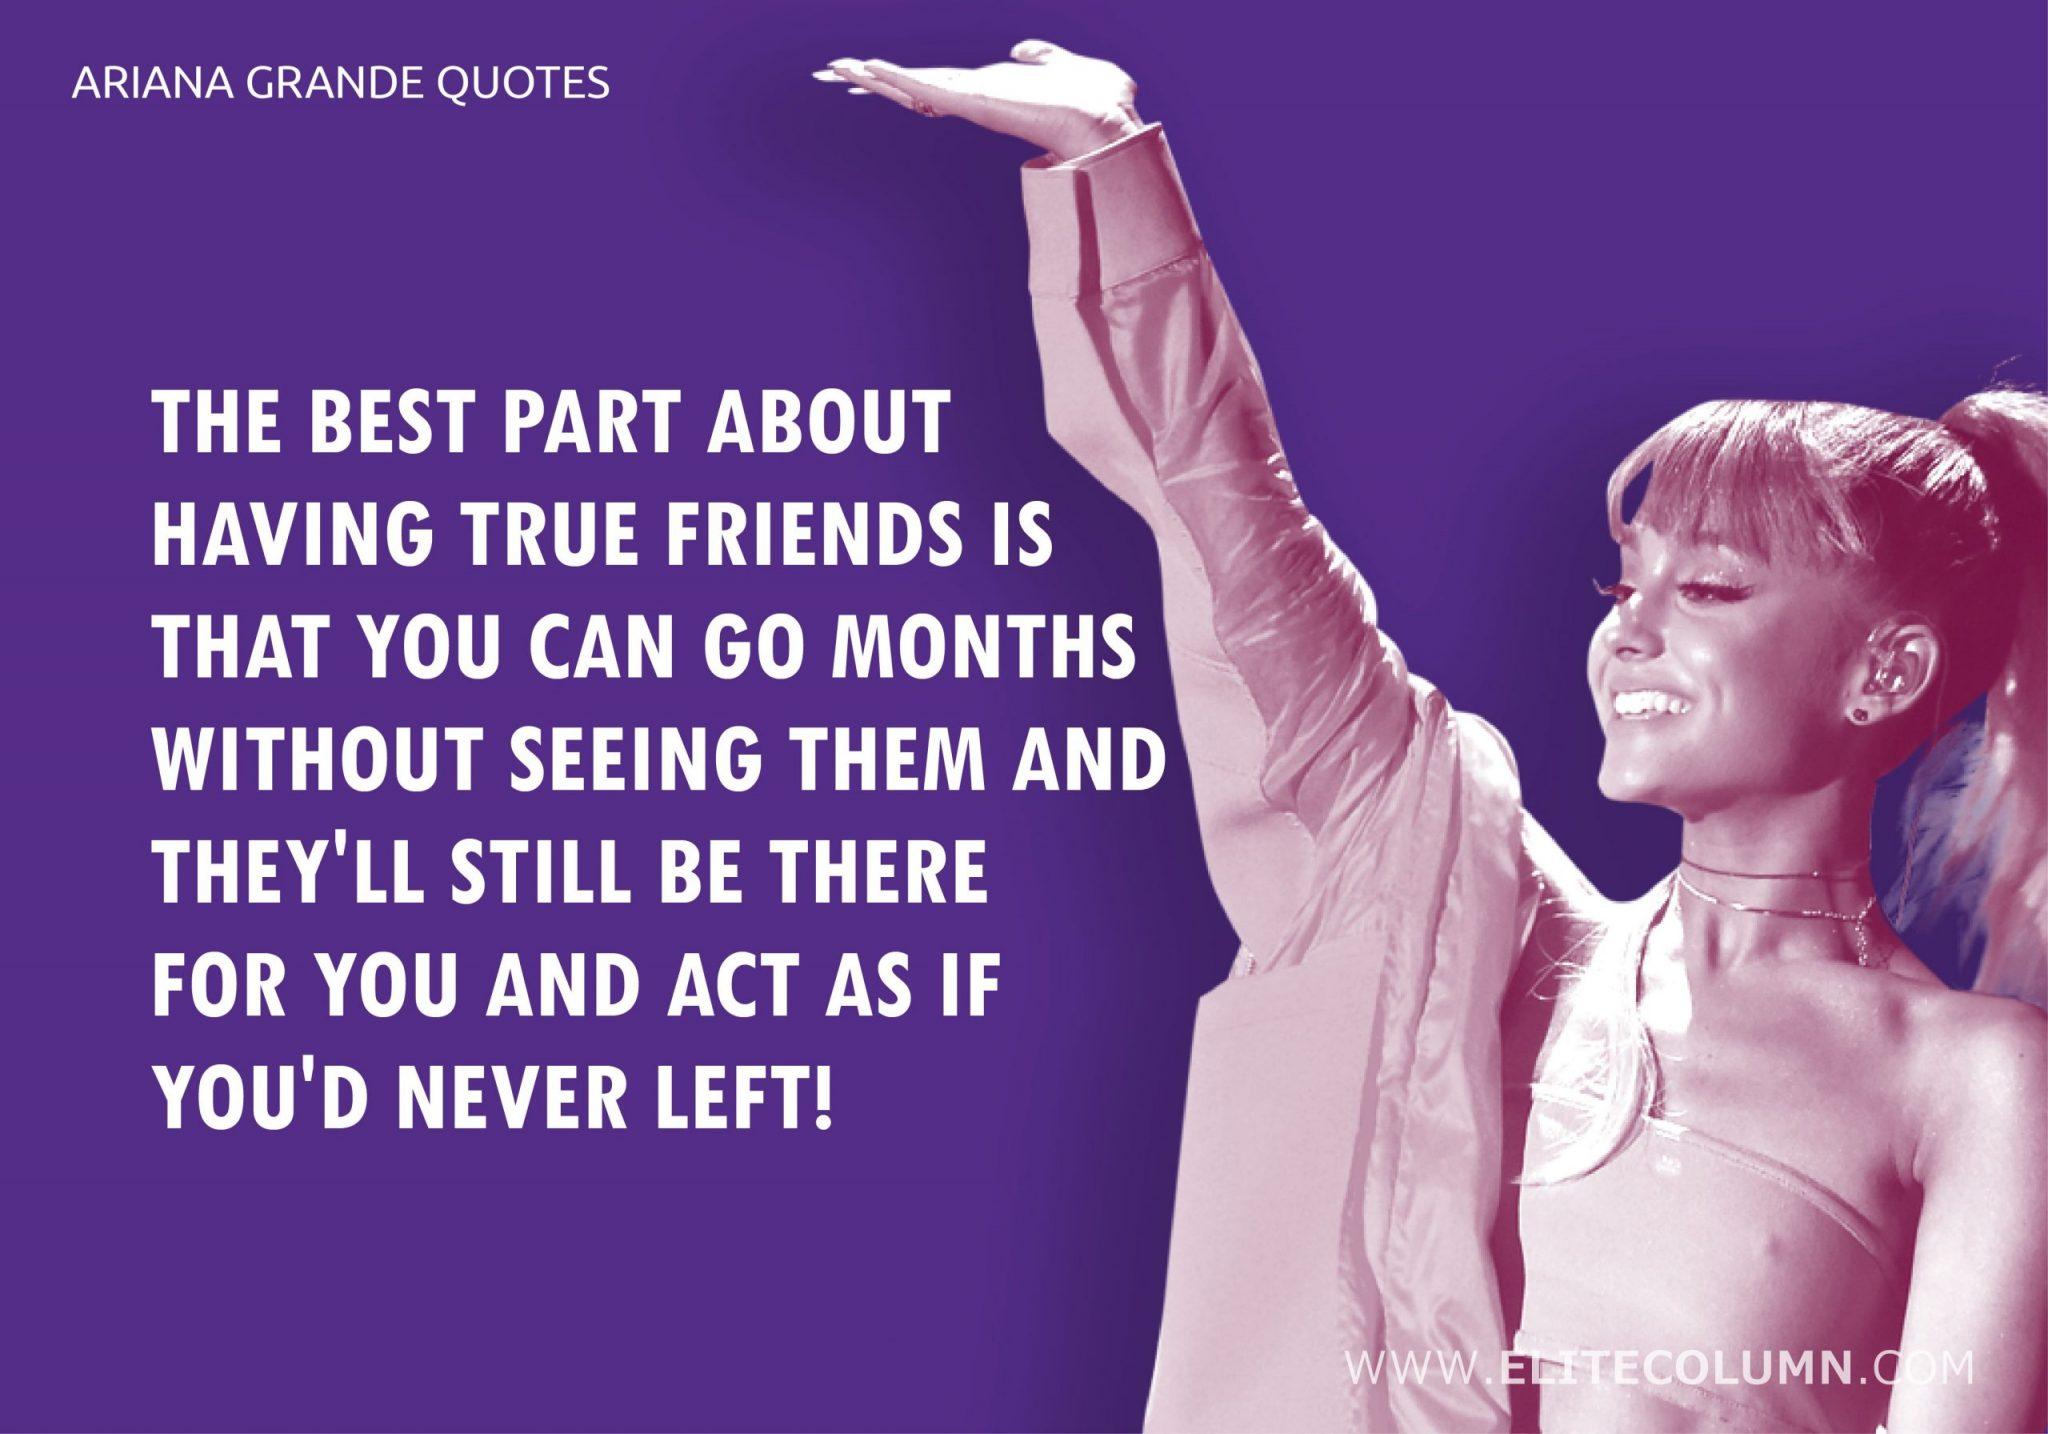 Ariana Grande Quotes (7)